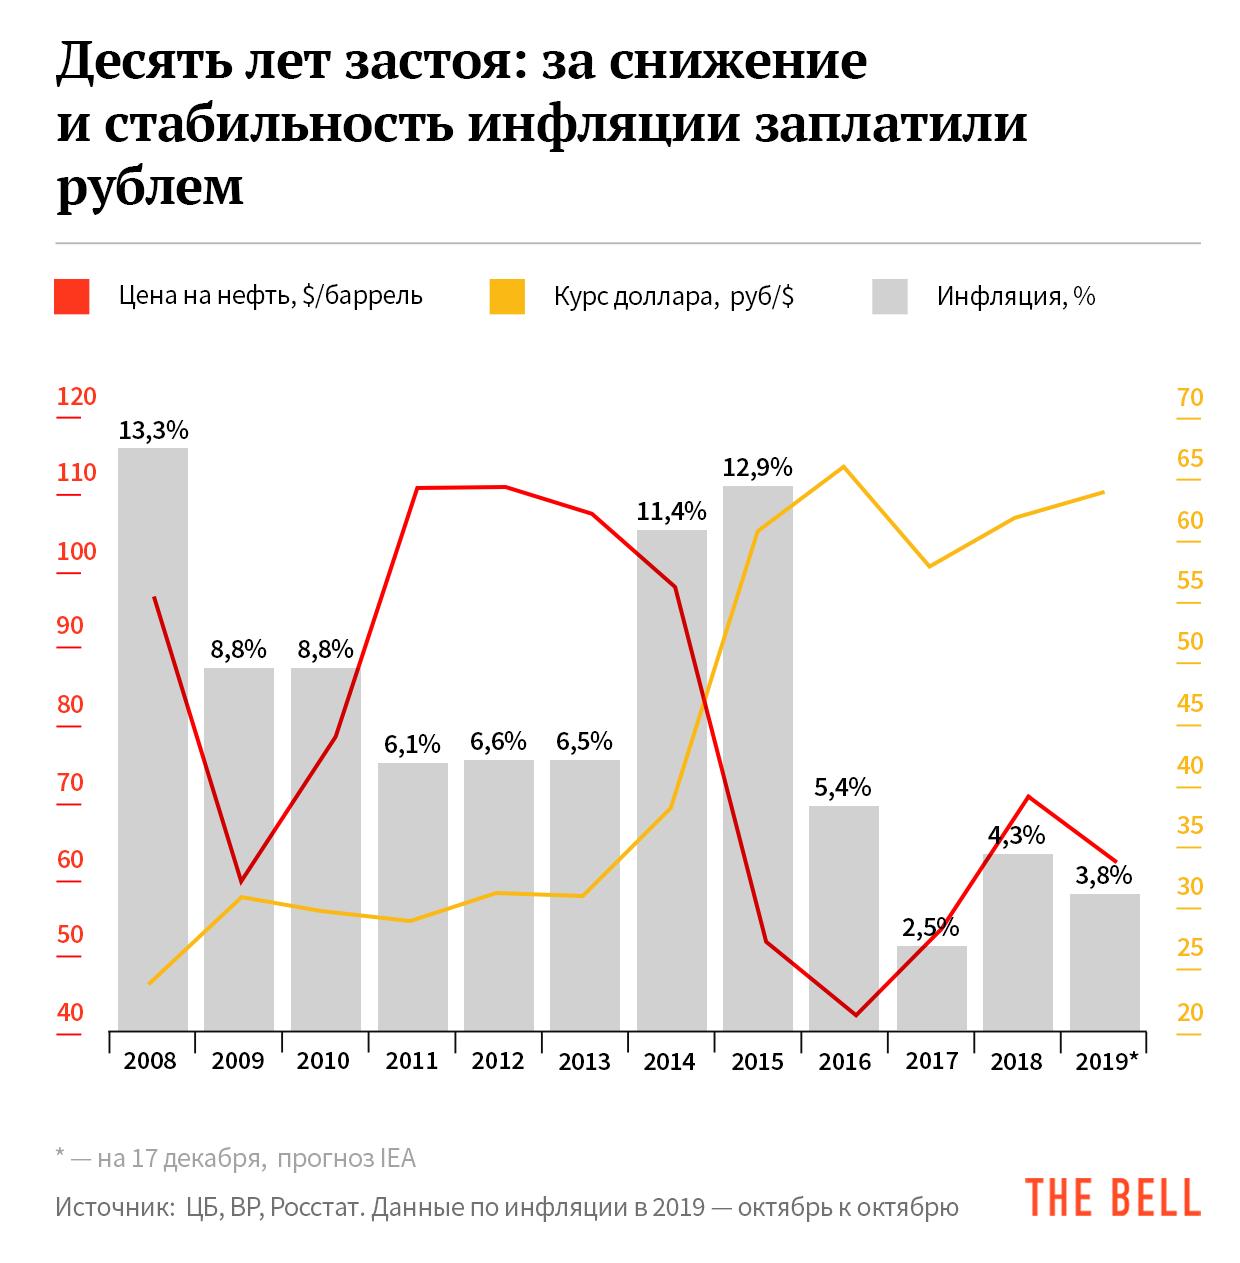 Потерянное десятилетие в экономике (К чему пришла российская экономика за 10 лет)